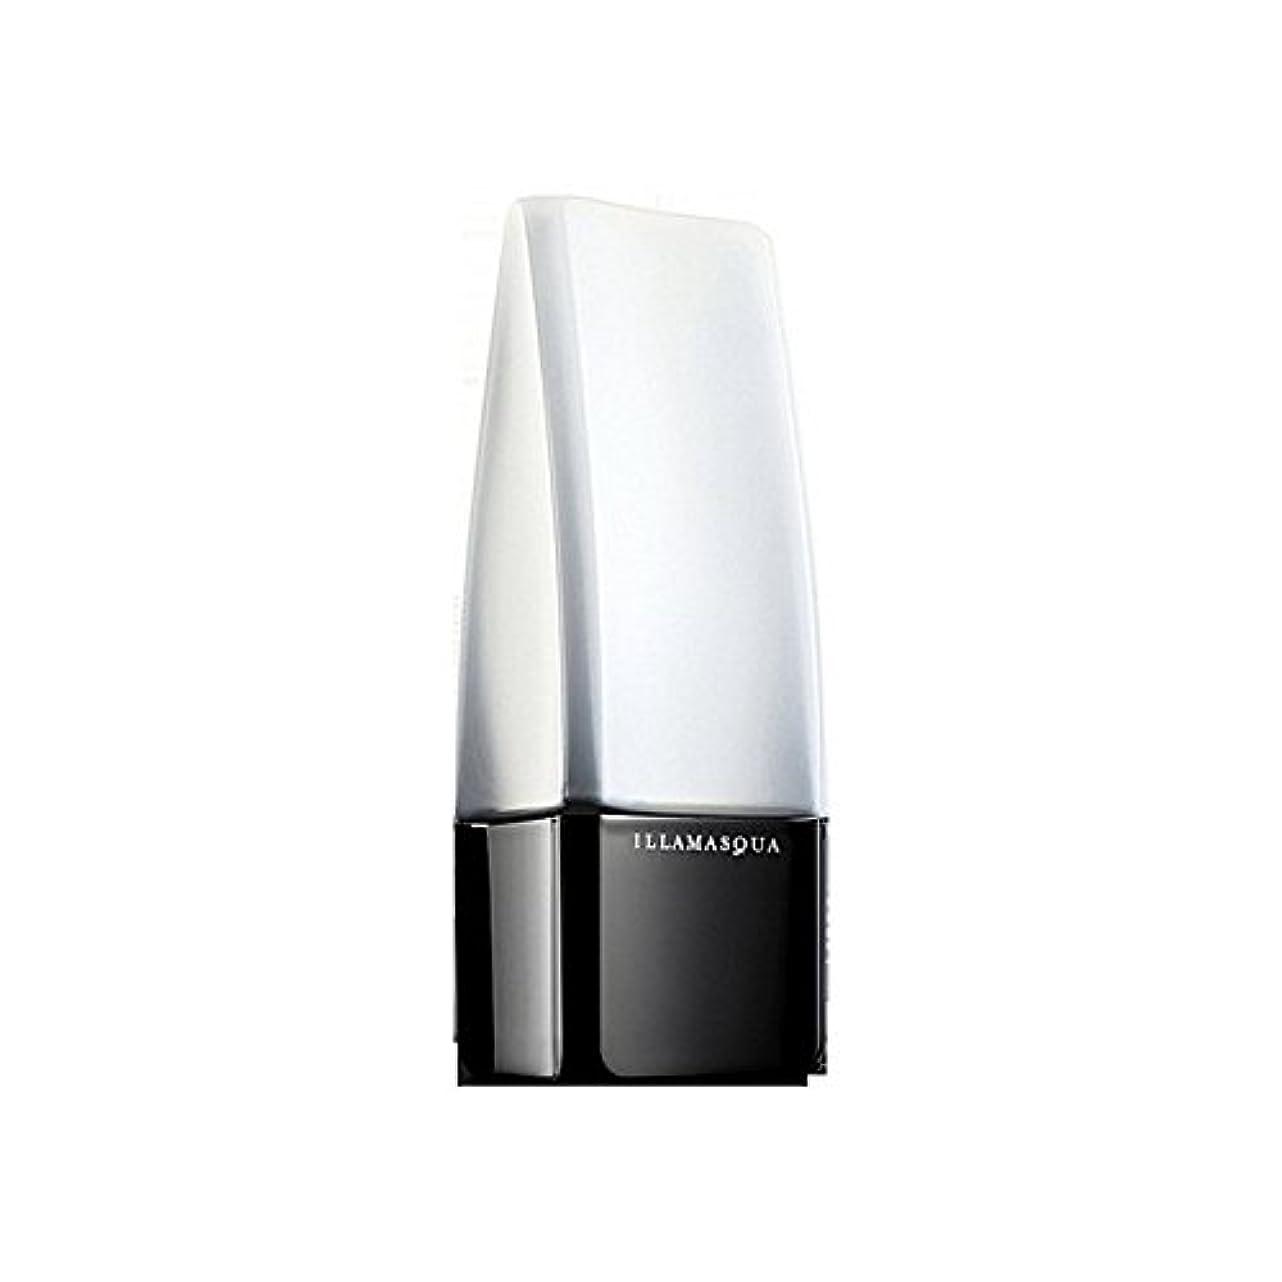 研磨メッセージグレードIllamasqua Matt Primer Spf 20 30ml - マットプライマー 20 30ミリリットル [並行輸入品]